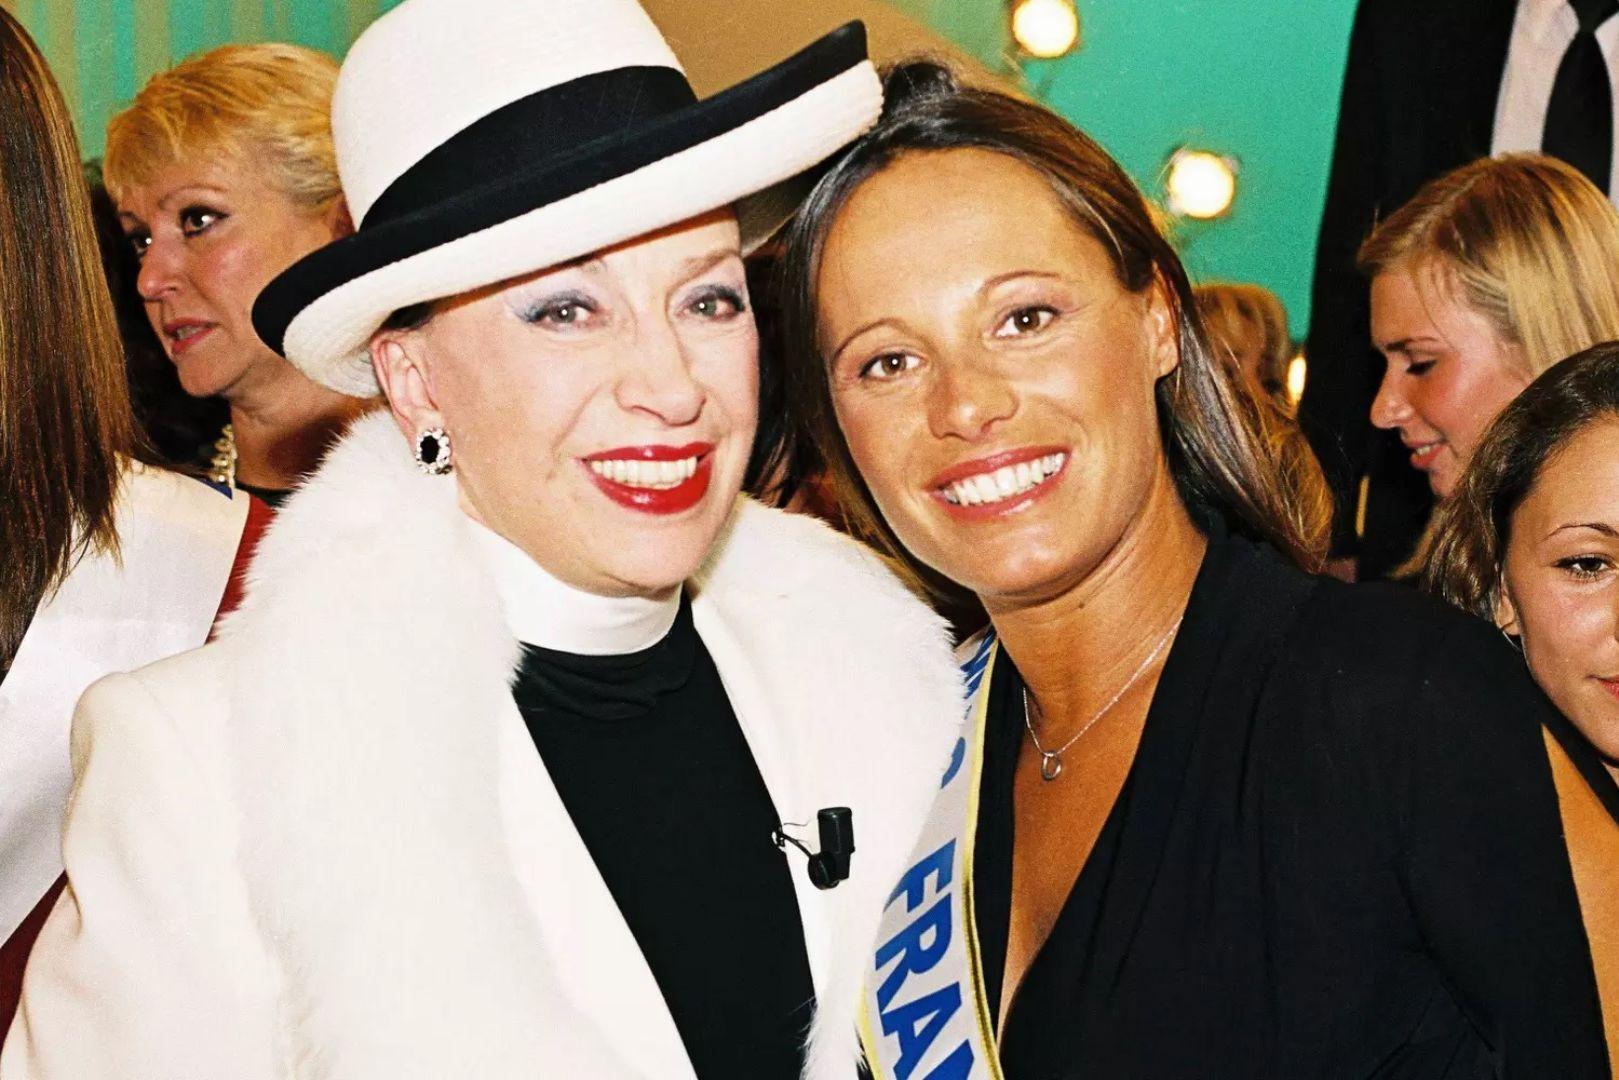 Le concours Miss France truqué ? Geneviève de Fontenay balance et tacle Nathalie Marquay-Pernaut